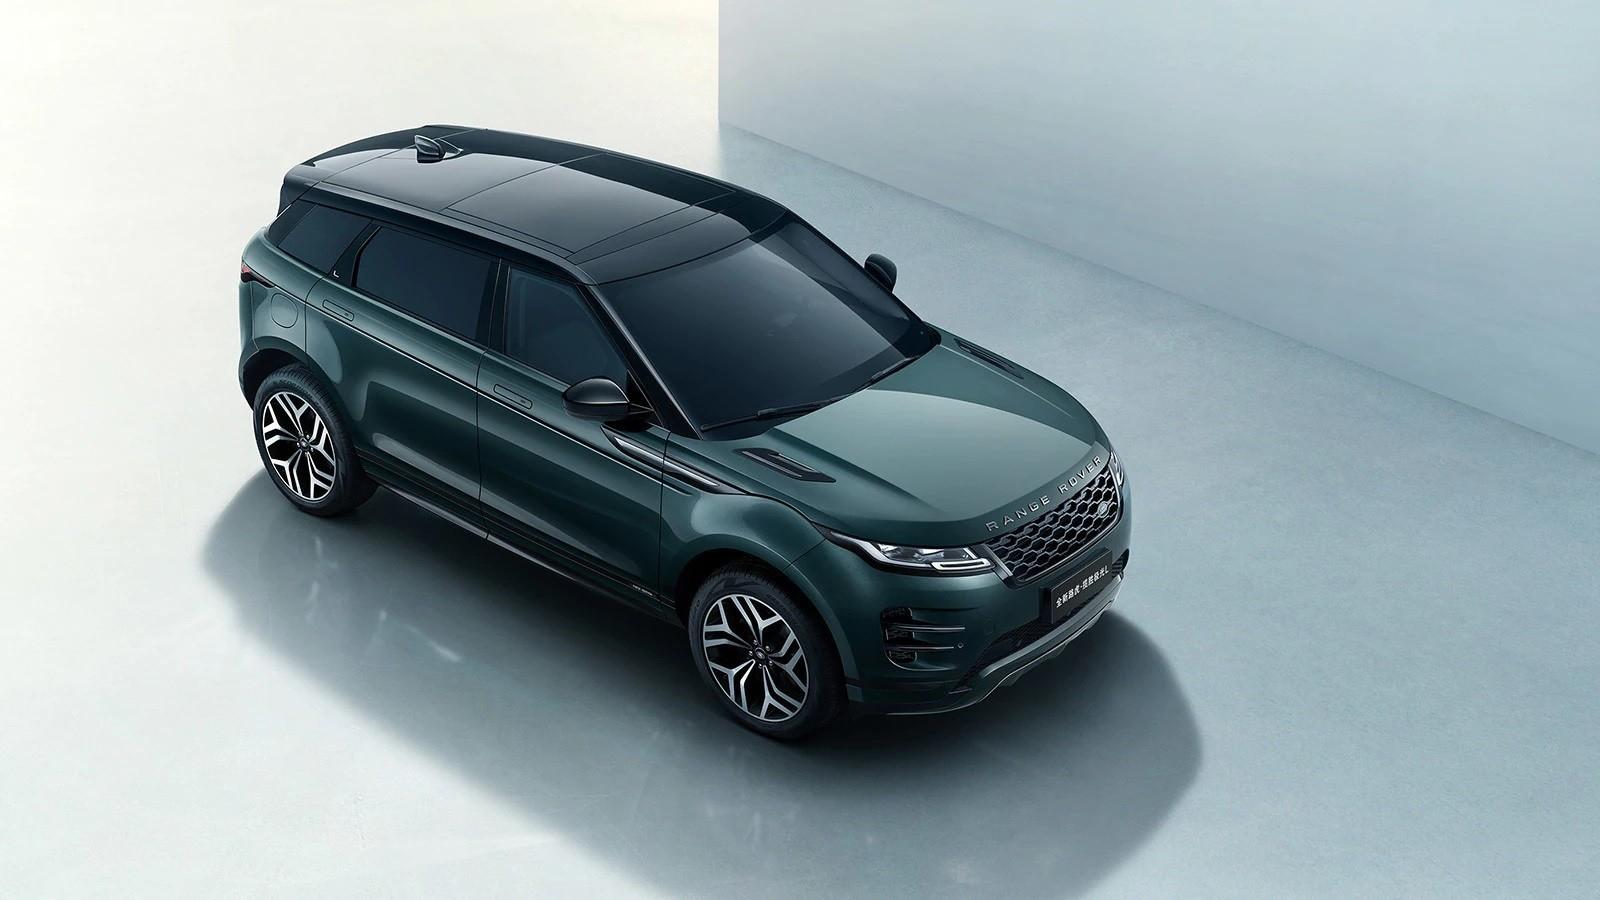 Phiên bản Range Rover Evoque L dài hơn ra mắt thị trường Trung Quốc